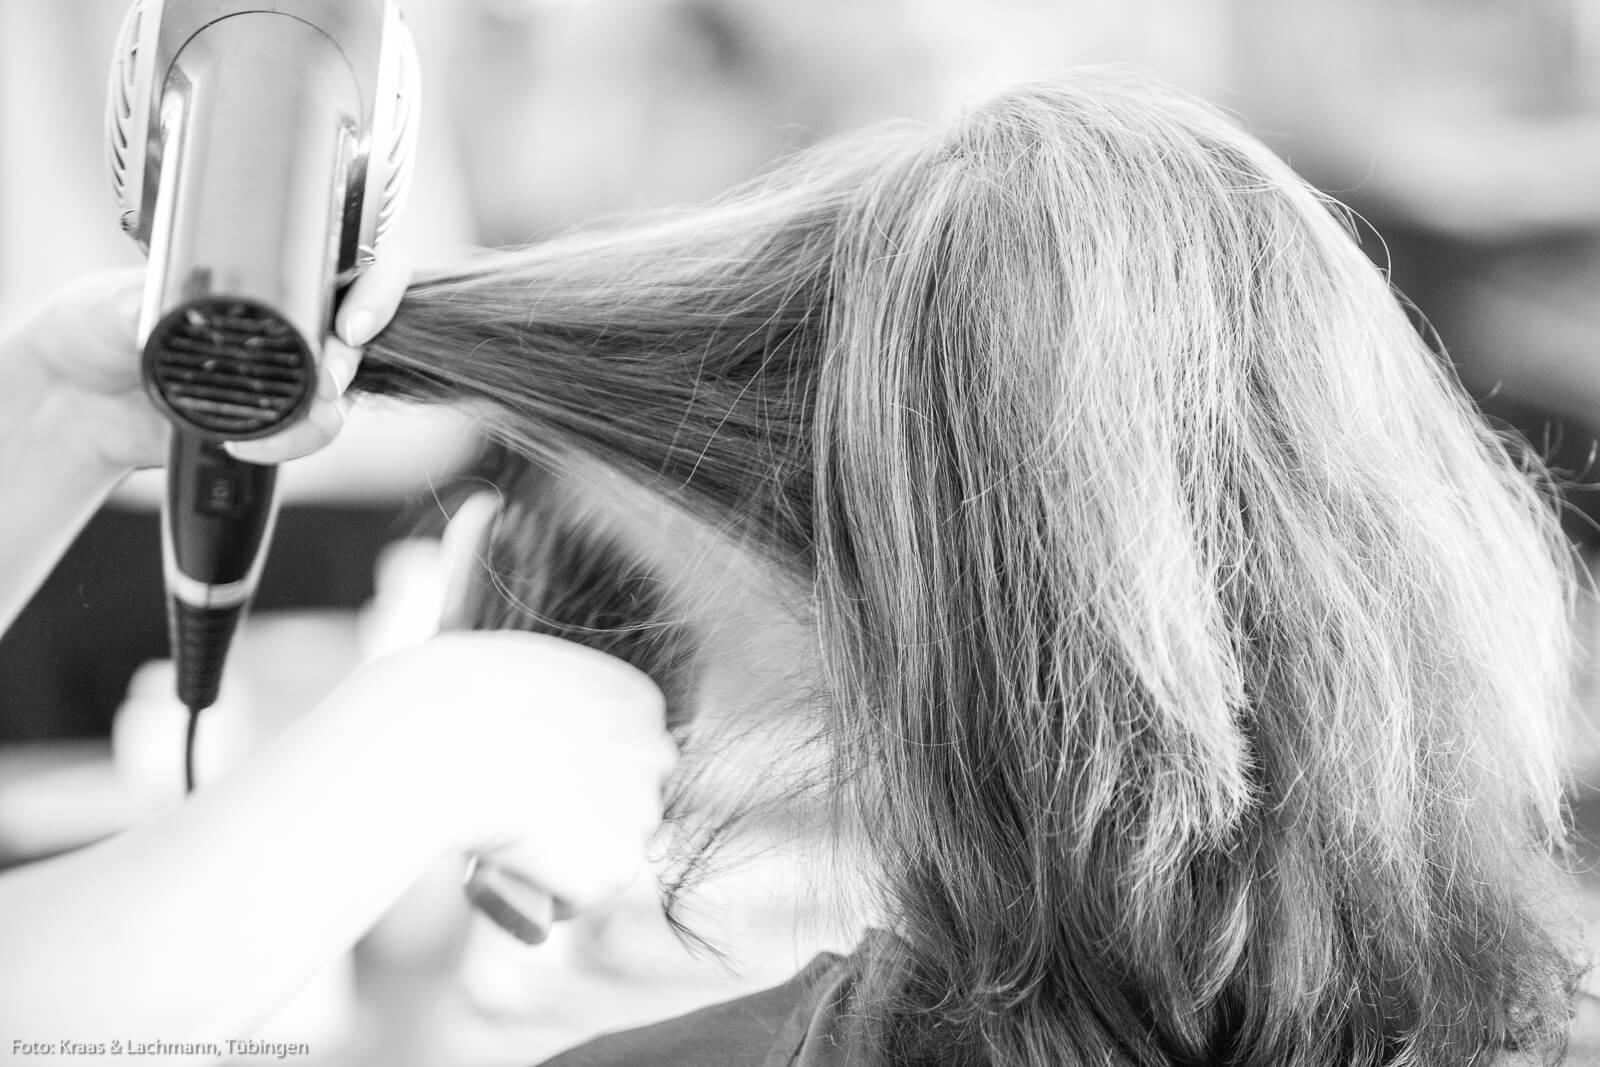 Perfektes Styling für Ihre Frisur: unsere Frisörinnen und Frisöre wissen, wie's geht